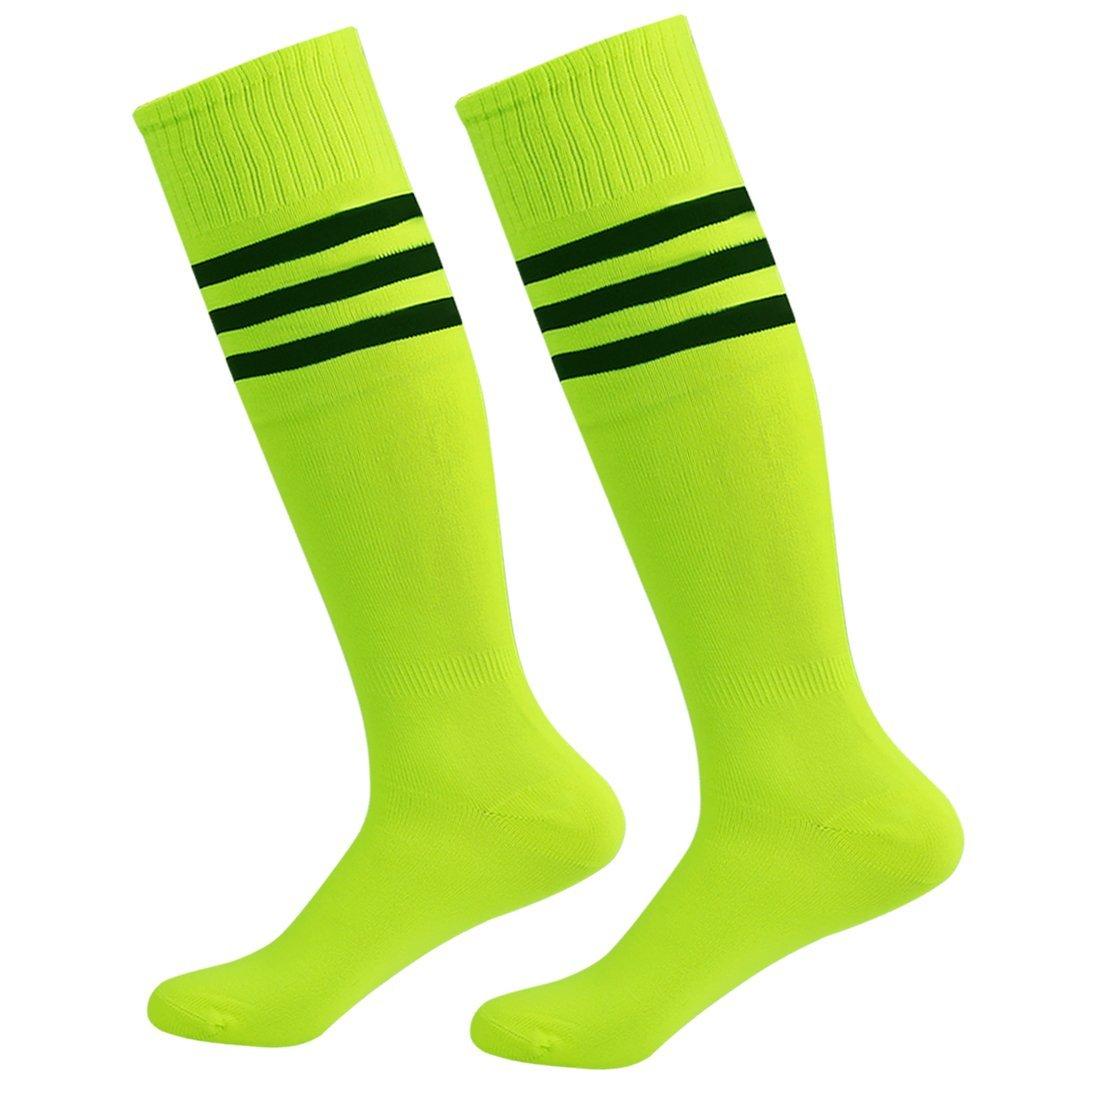 Fasoar Men's Women's Triple Stripe Knee High Soccer Tube Socks 2 Pack Fluorescence Green by Fasoar